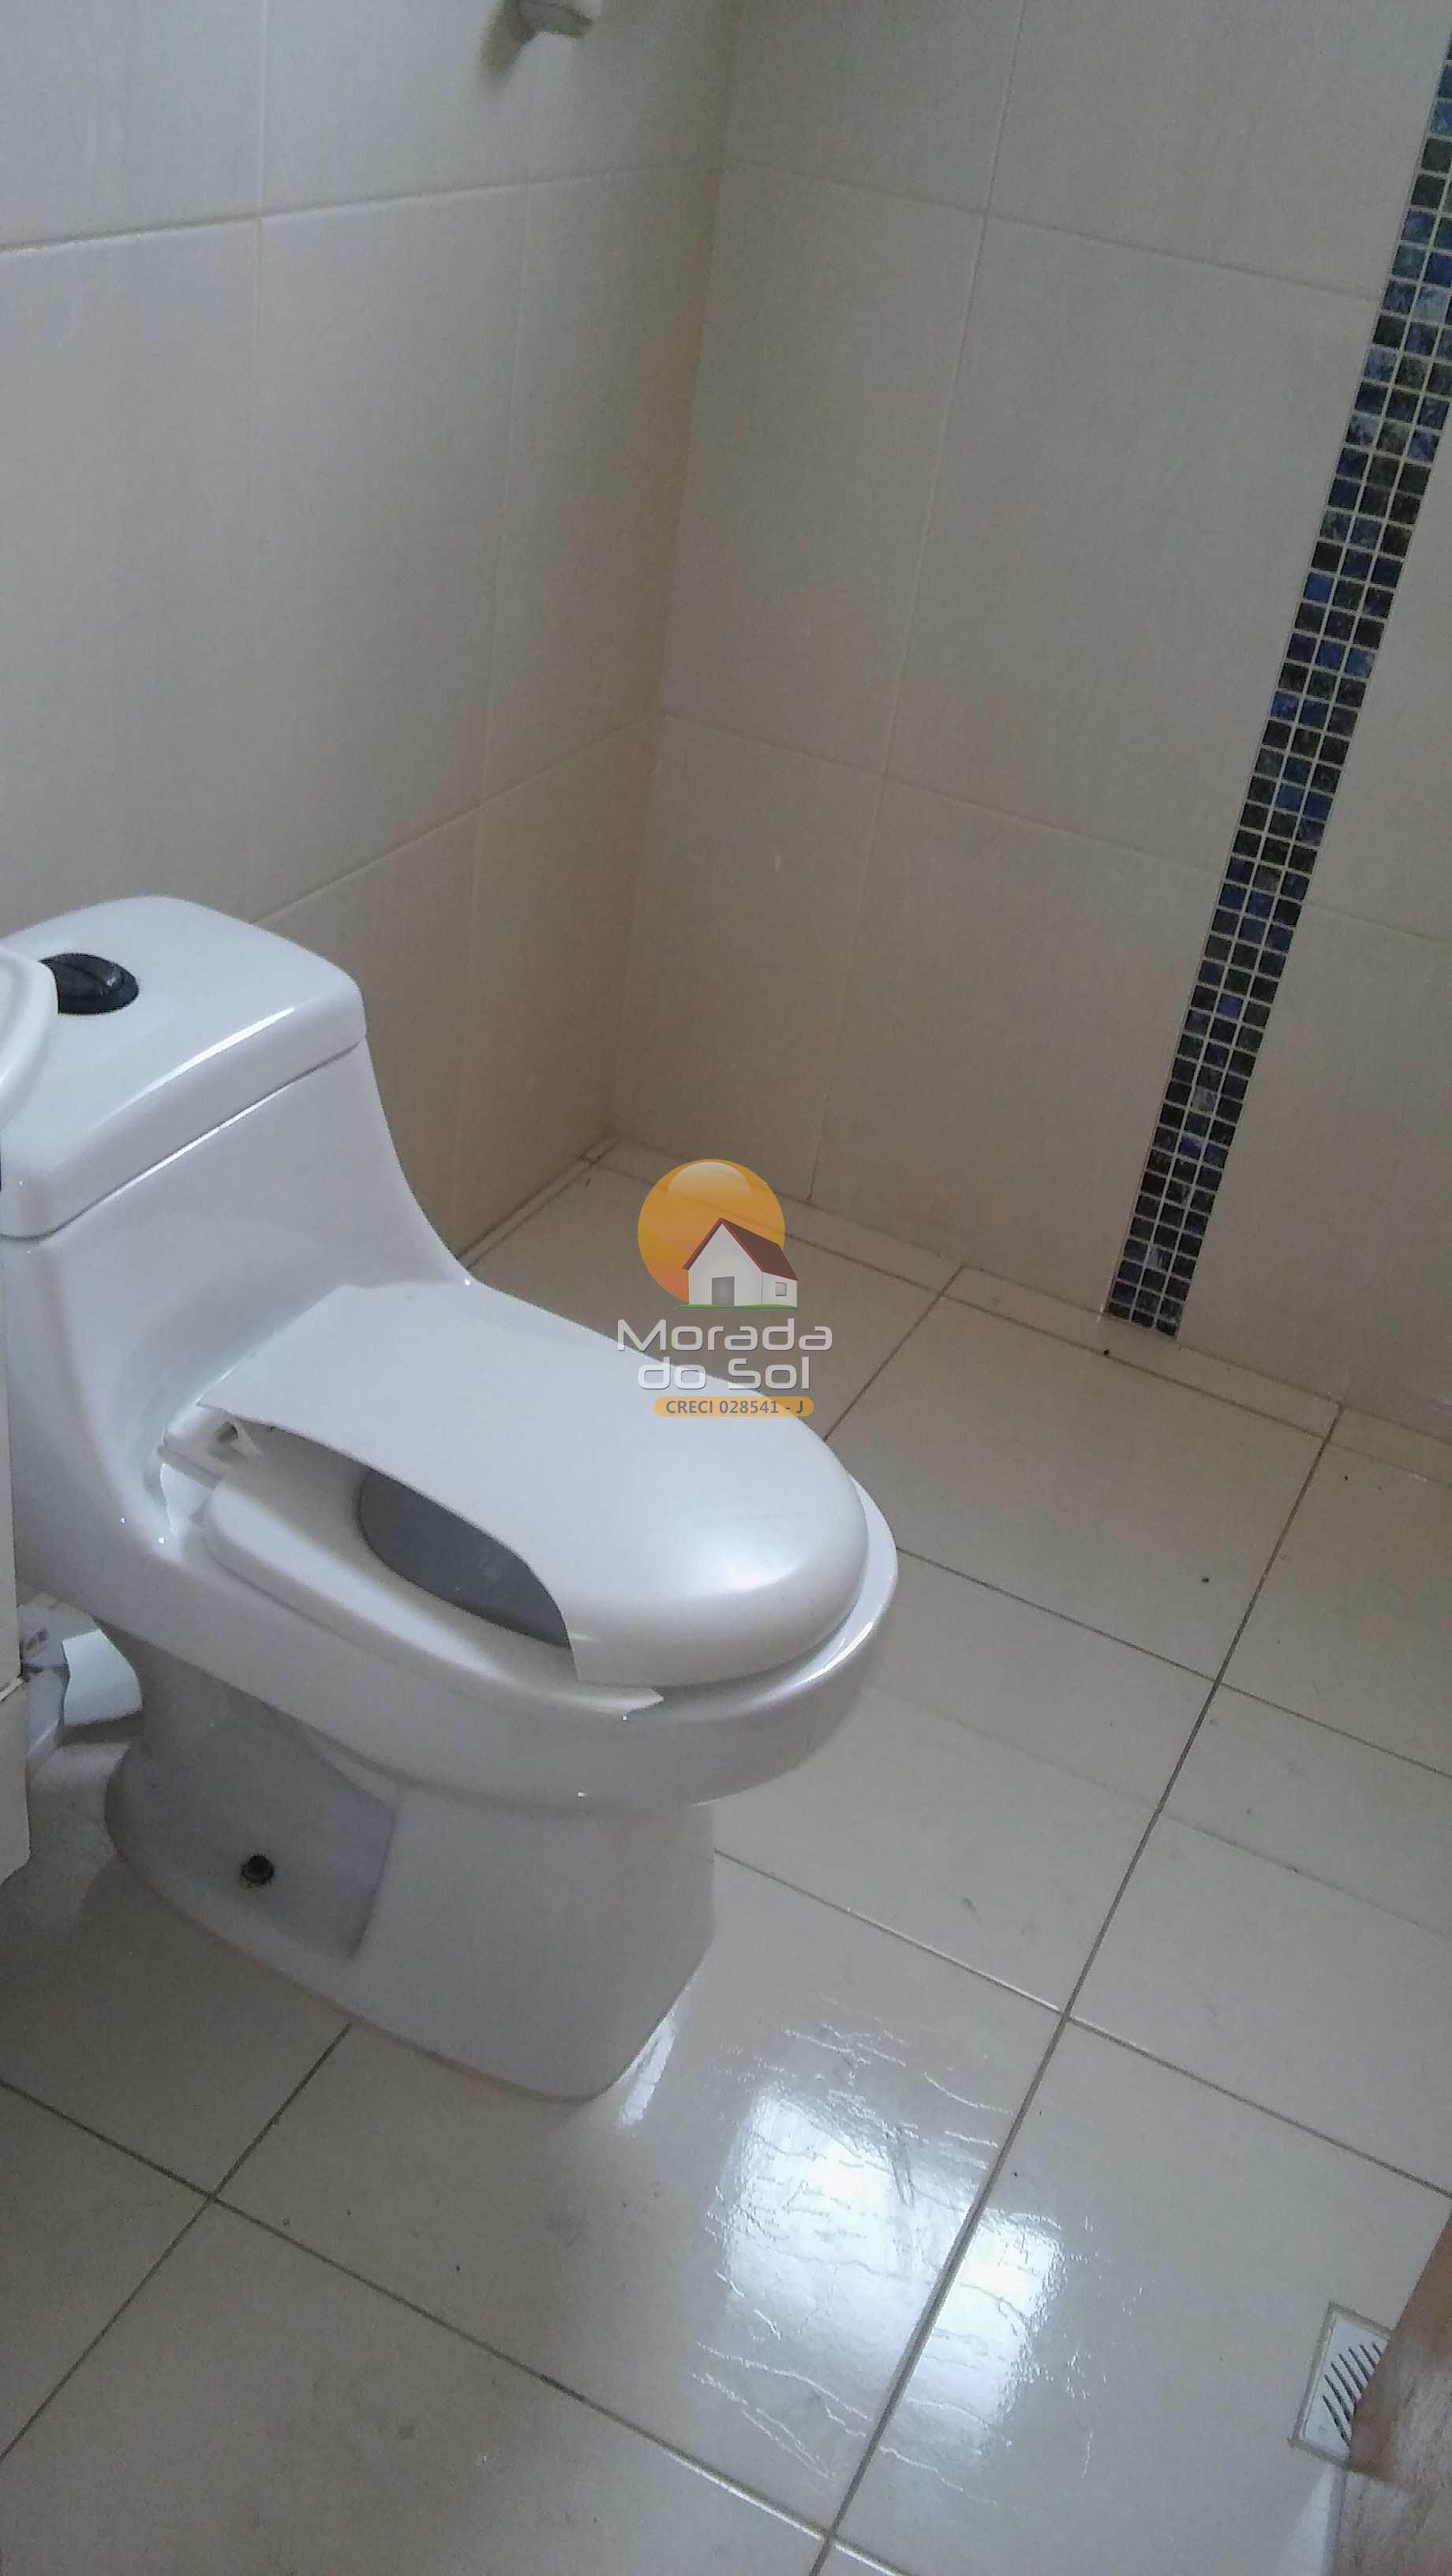 14 WC social